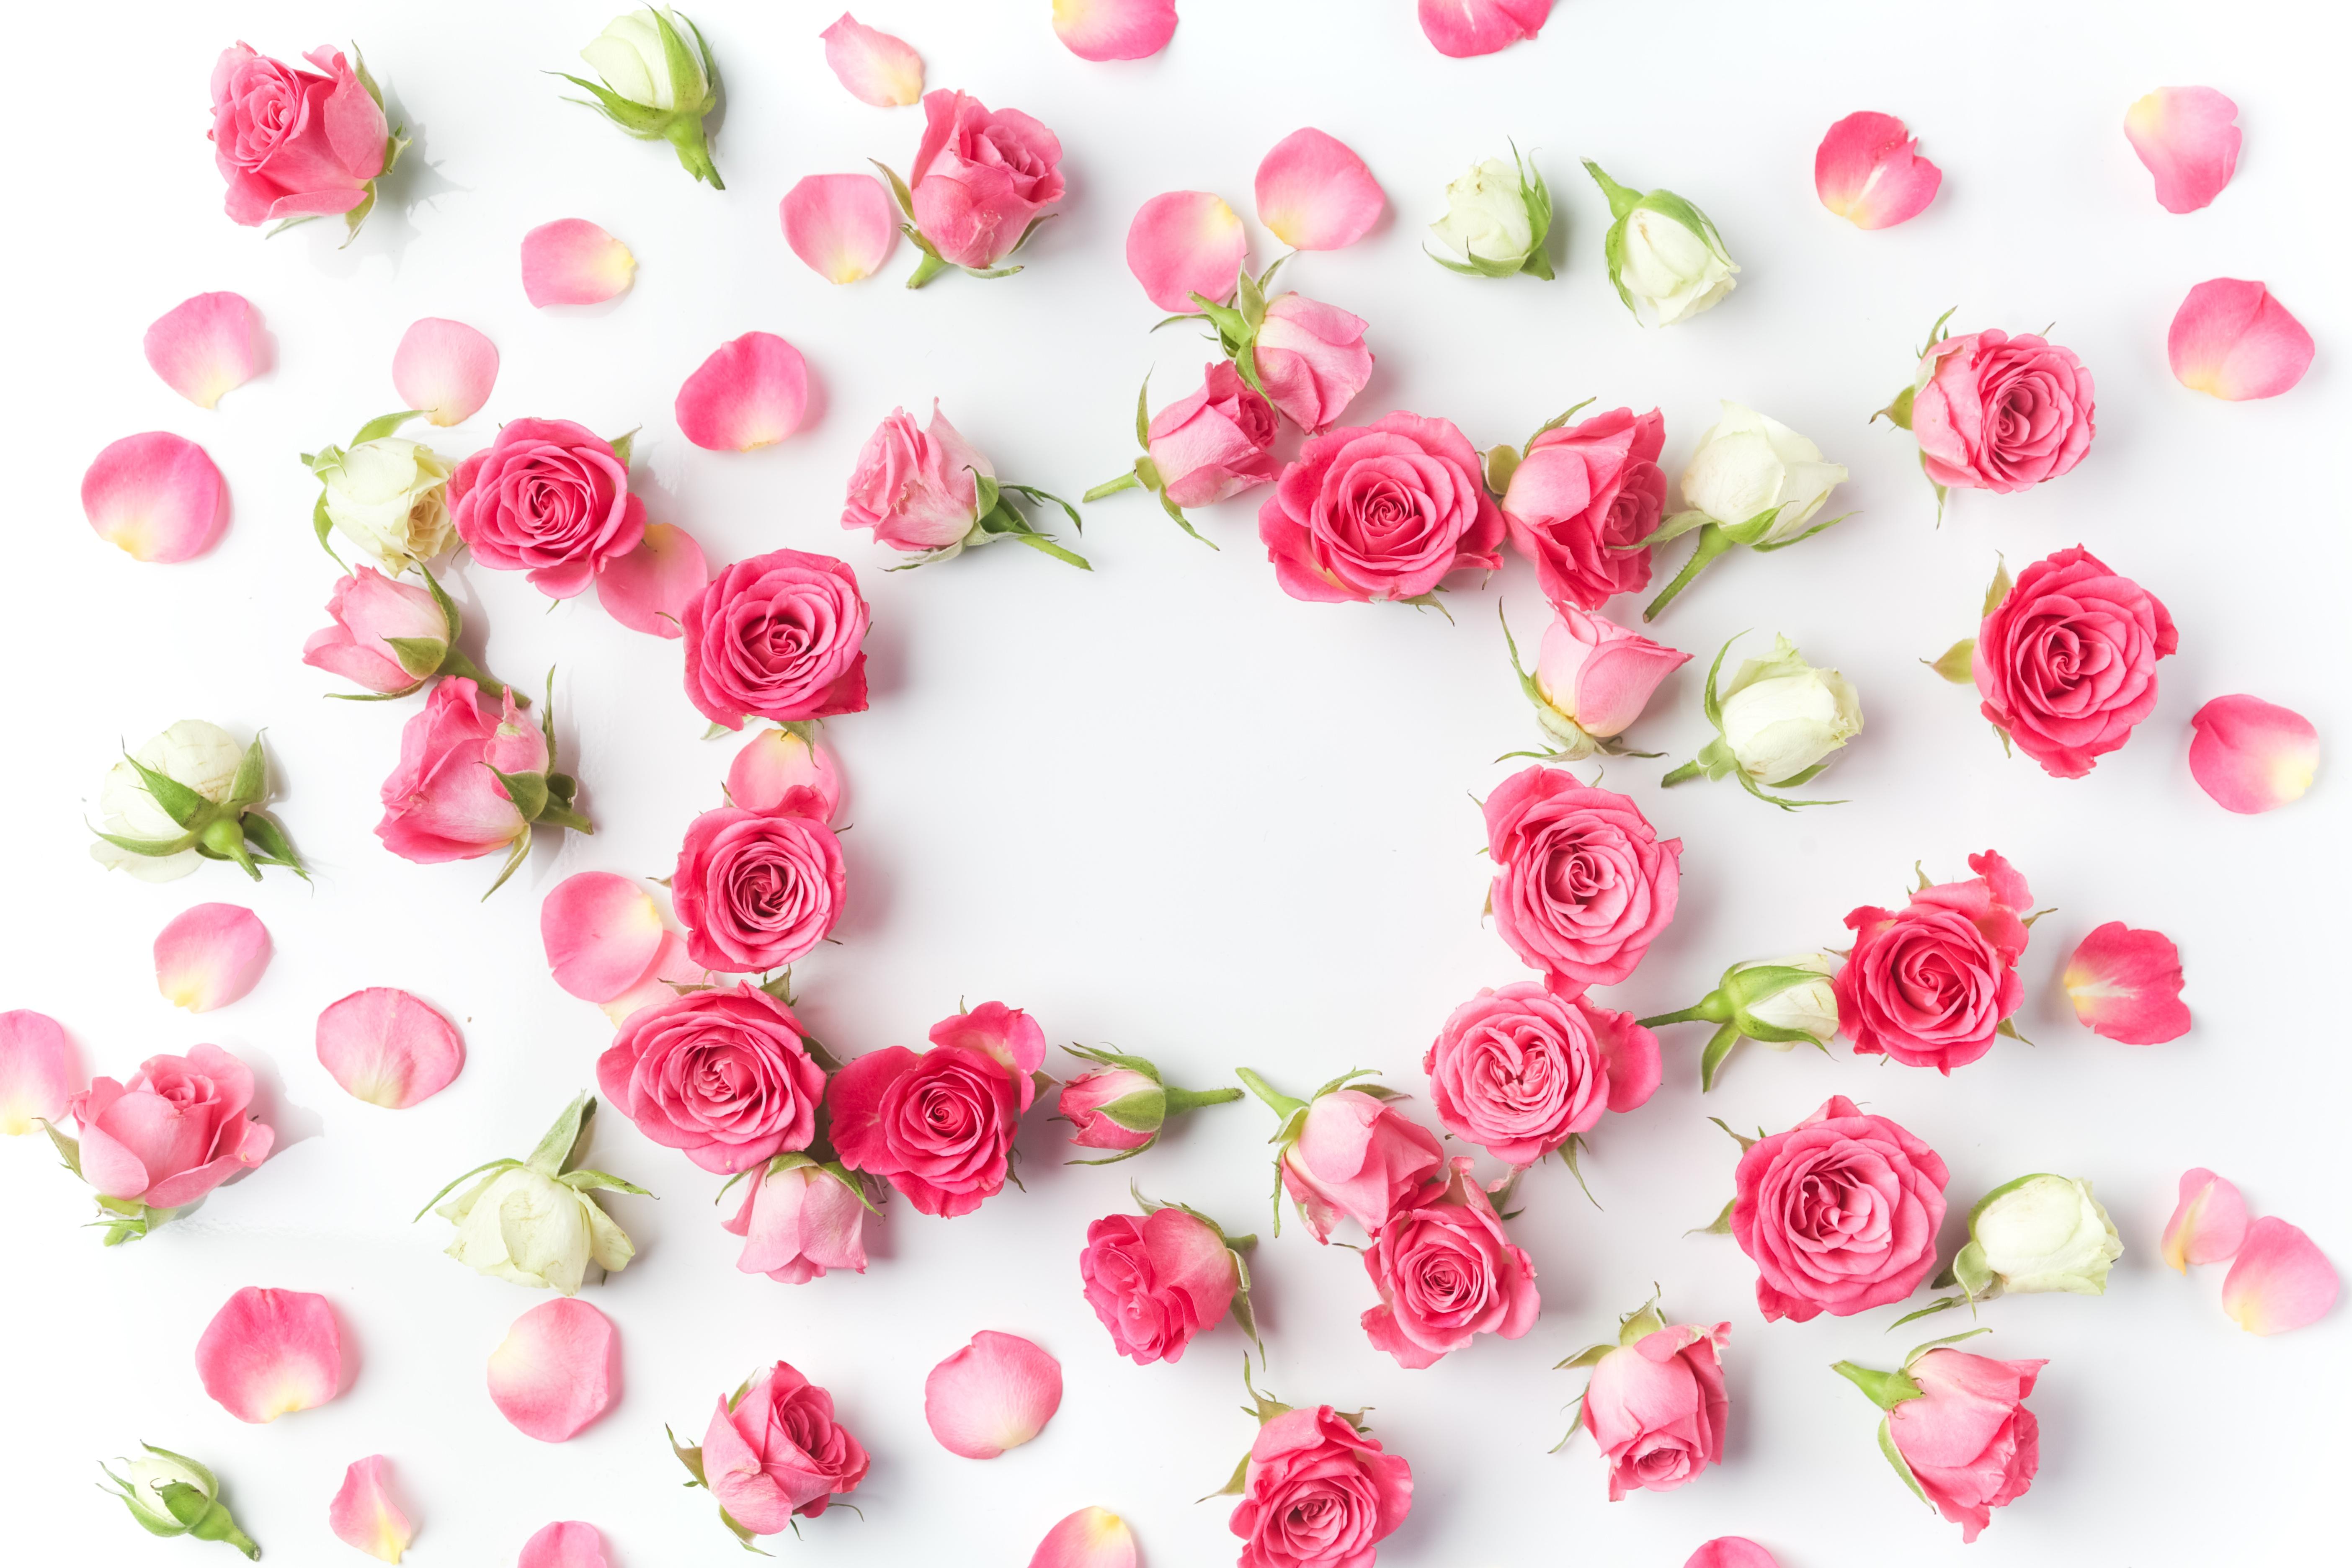 этого, начинаем розовые розы картинки красивые горизонтальные аватара означает